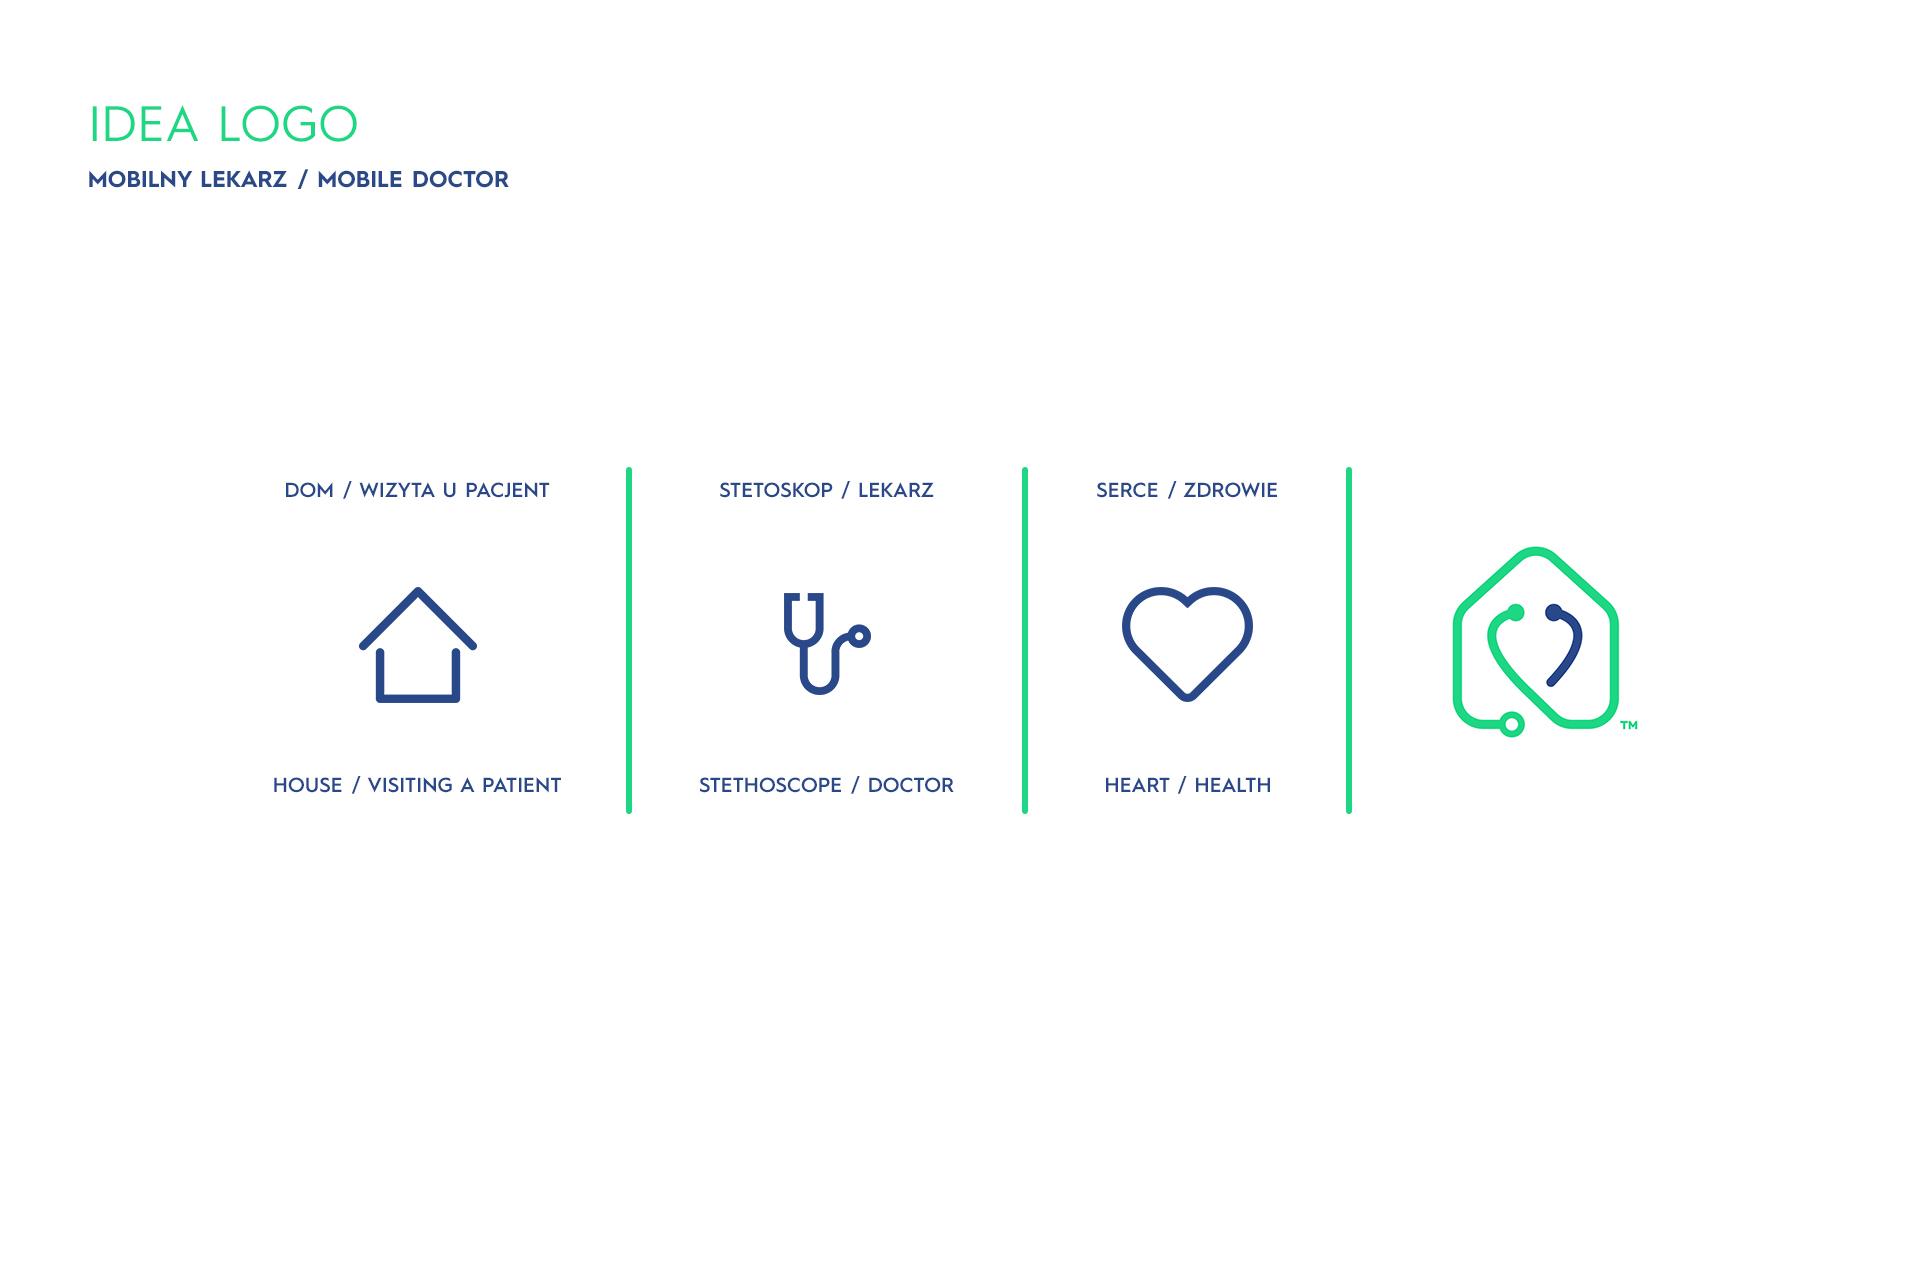 Logo Idea Mobile Doctor Health